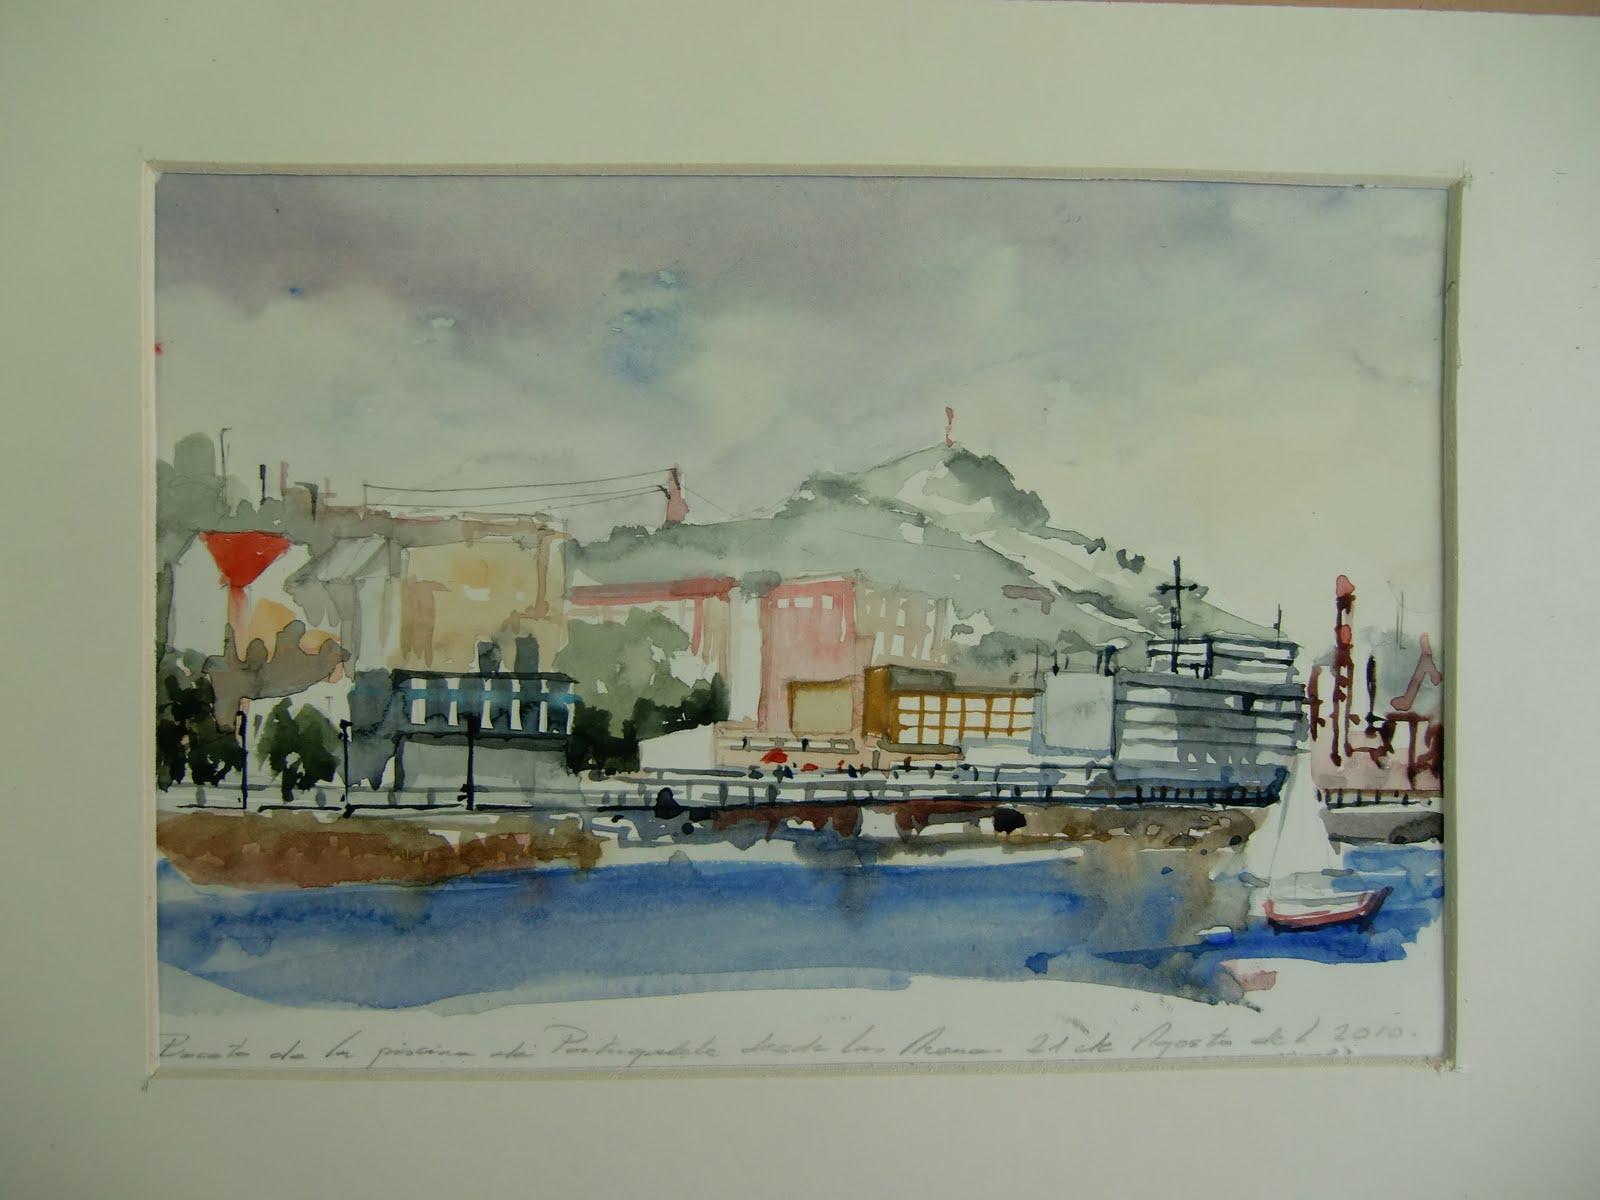 Aguayacuarela bocetos preparatorios del puerto viejo de algorta fuente de otxandiano rivera - Piscinas de portugalete ...